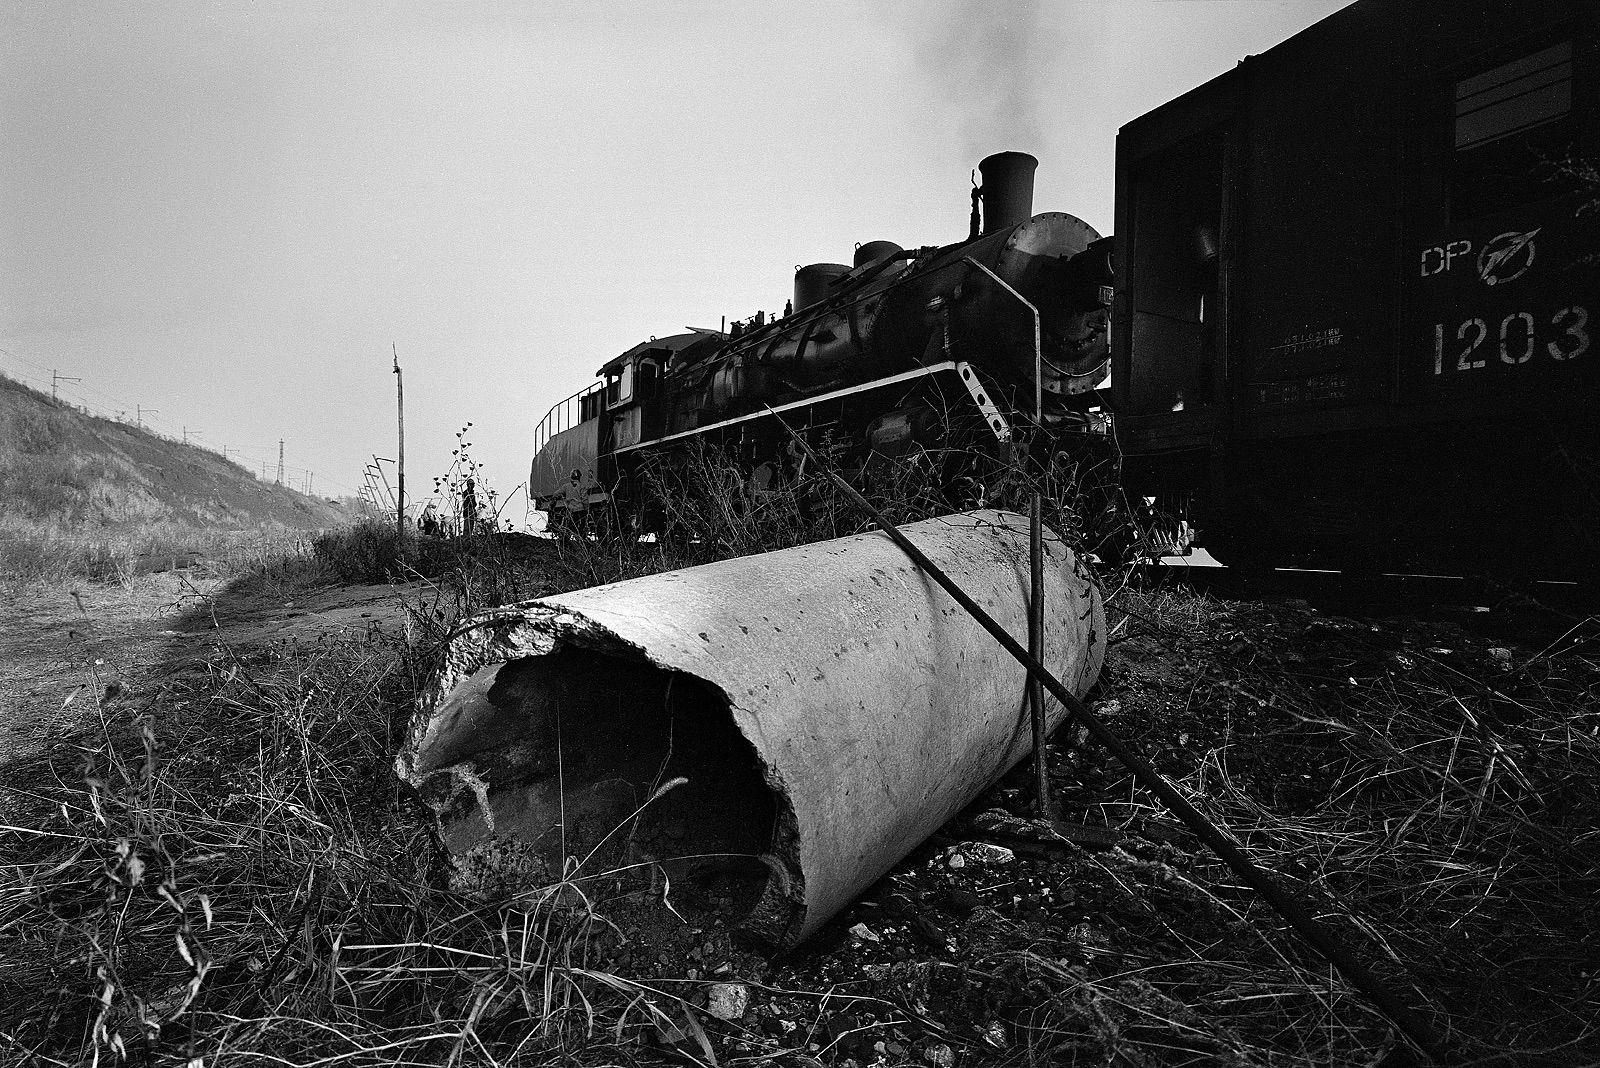 Yang Along the Rails